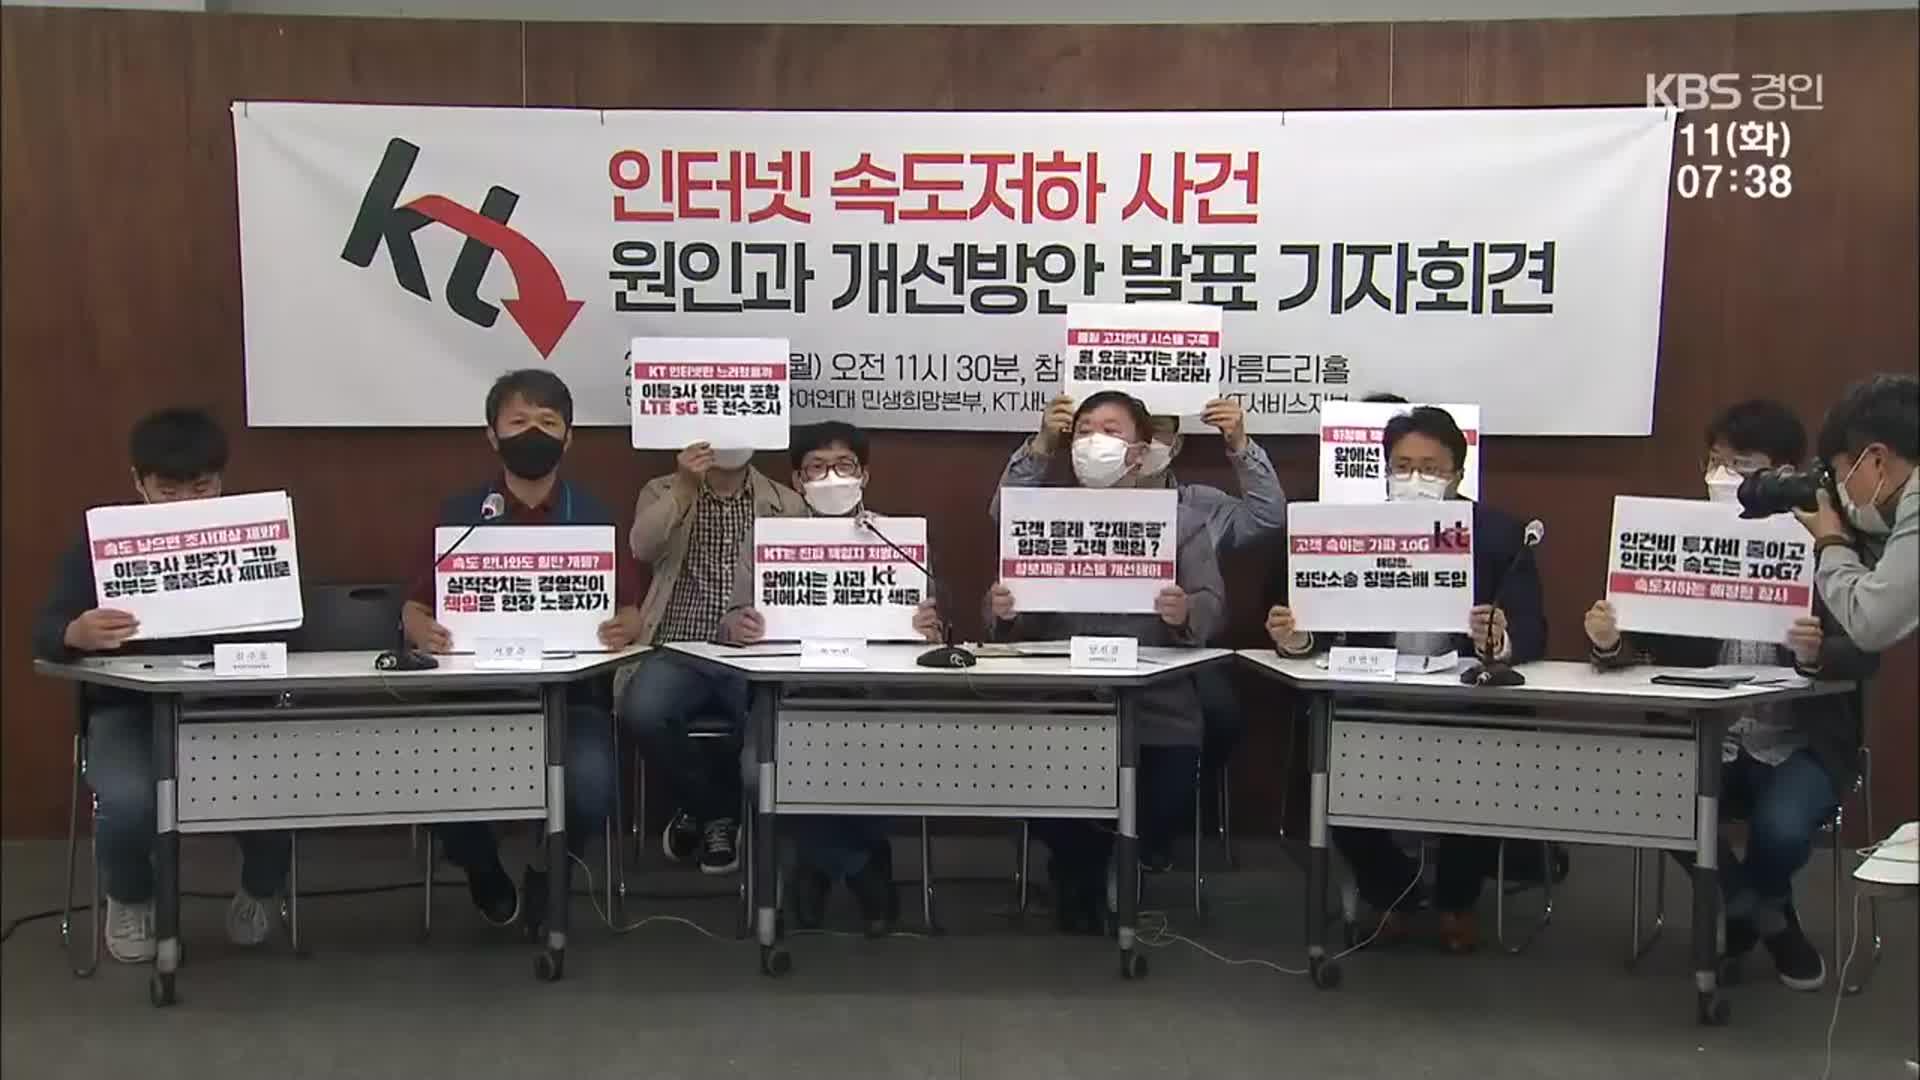 """'인터넷 속도' 집단소송 움직임…KT노조 """"사측 개통 속도 80%→60% 낮춰"""""""